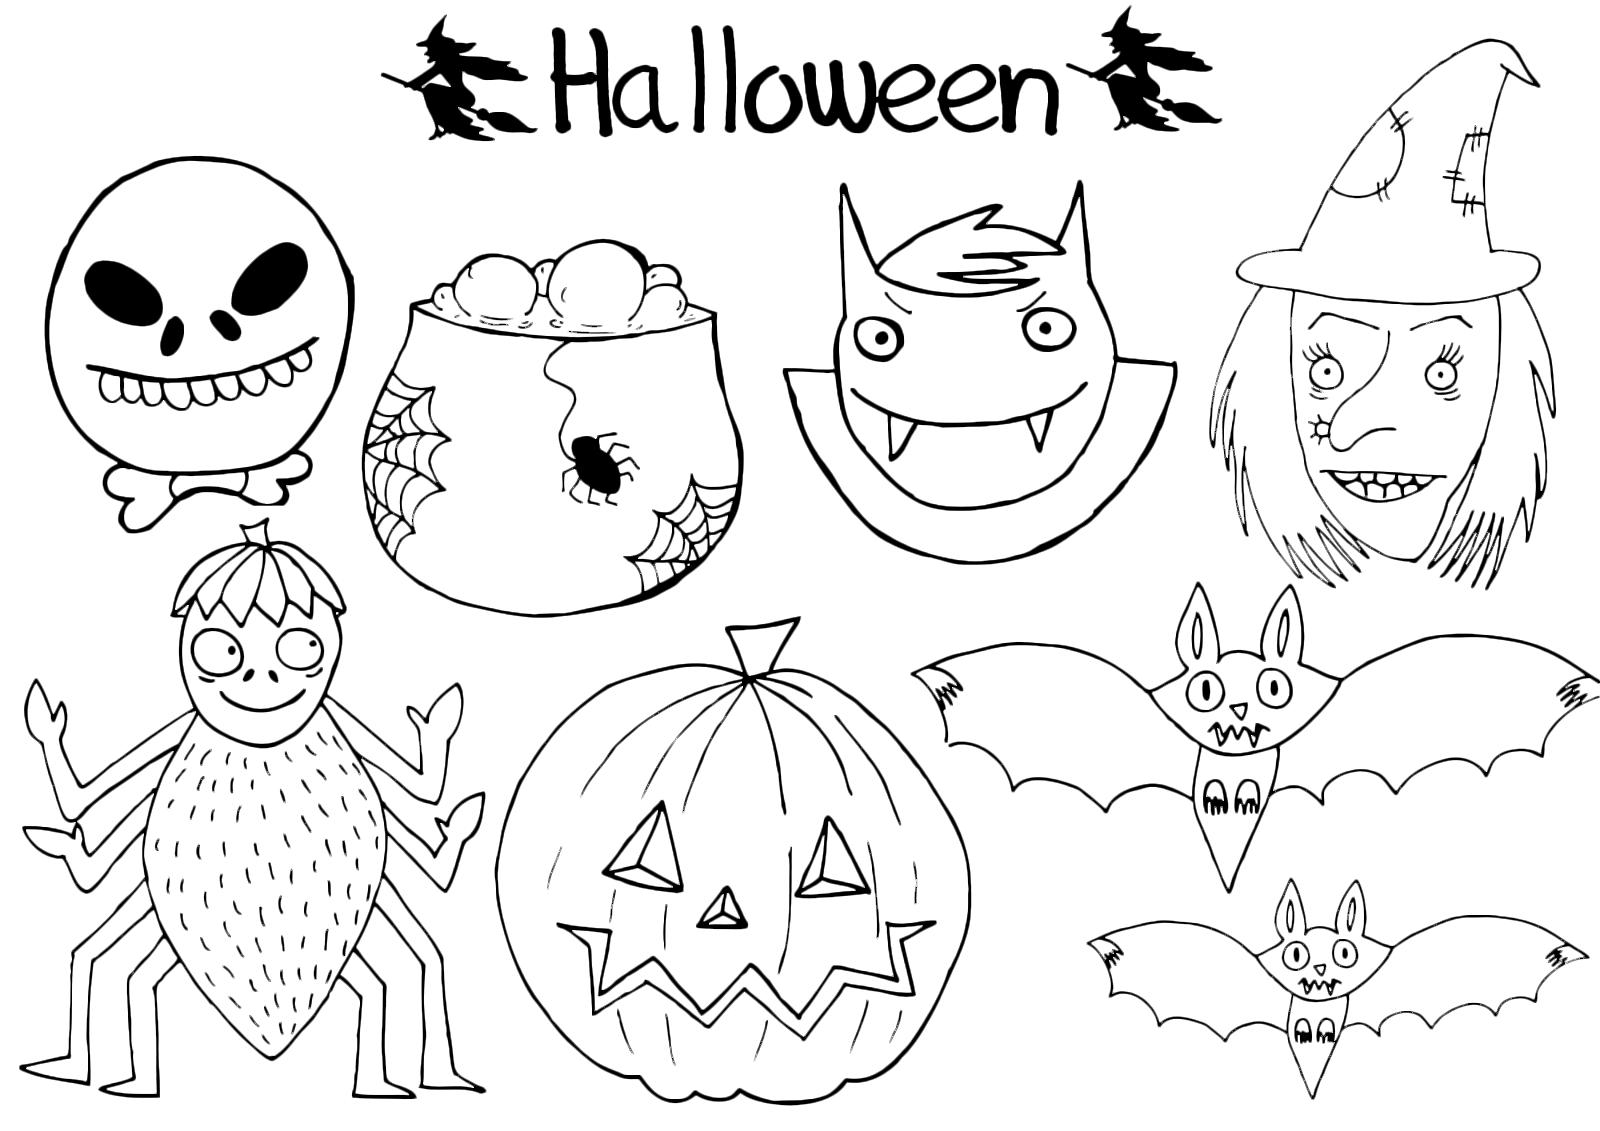 Halloween streghe teschi e tante altre immagini paurose Disegni halloween da colorare gratis